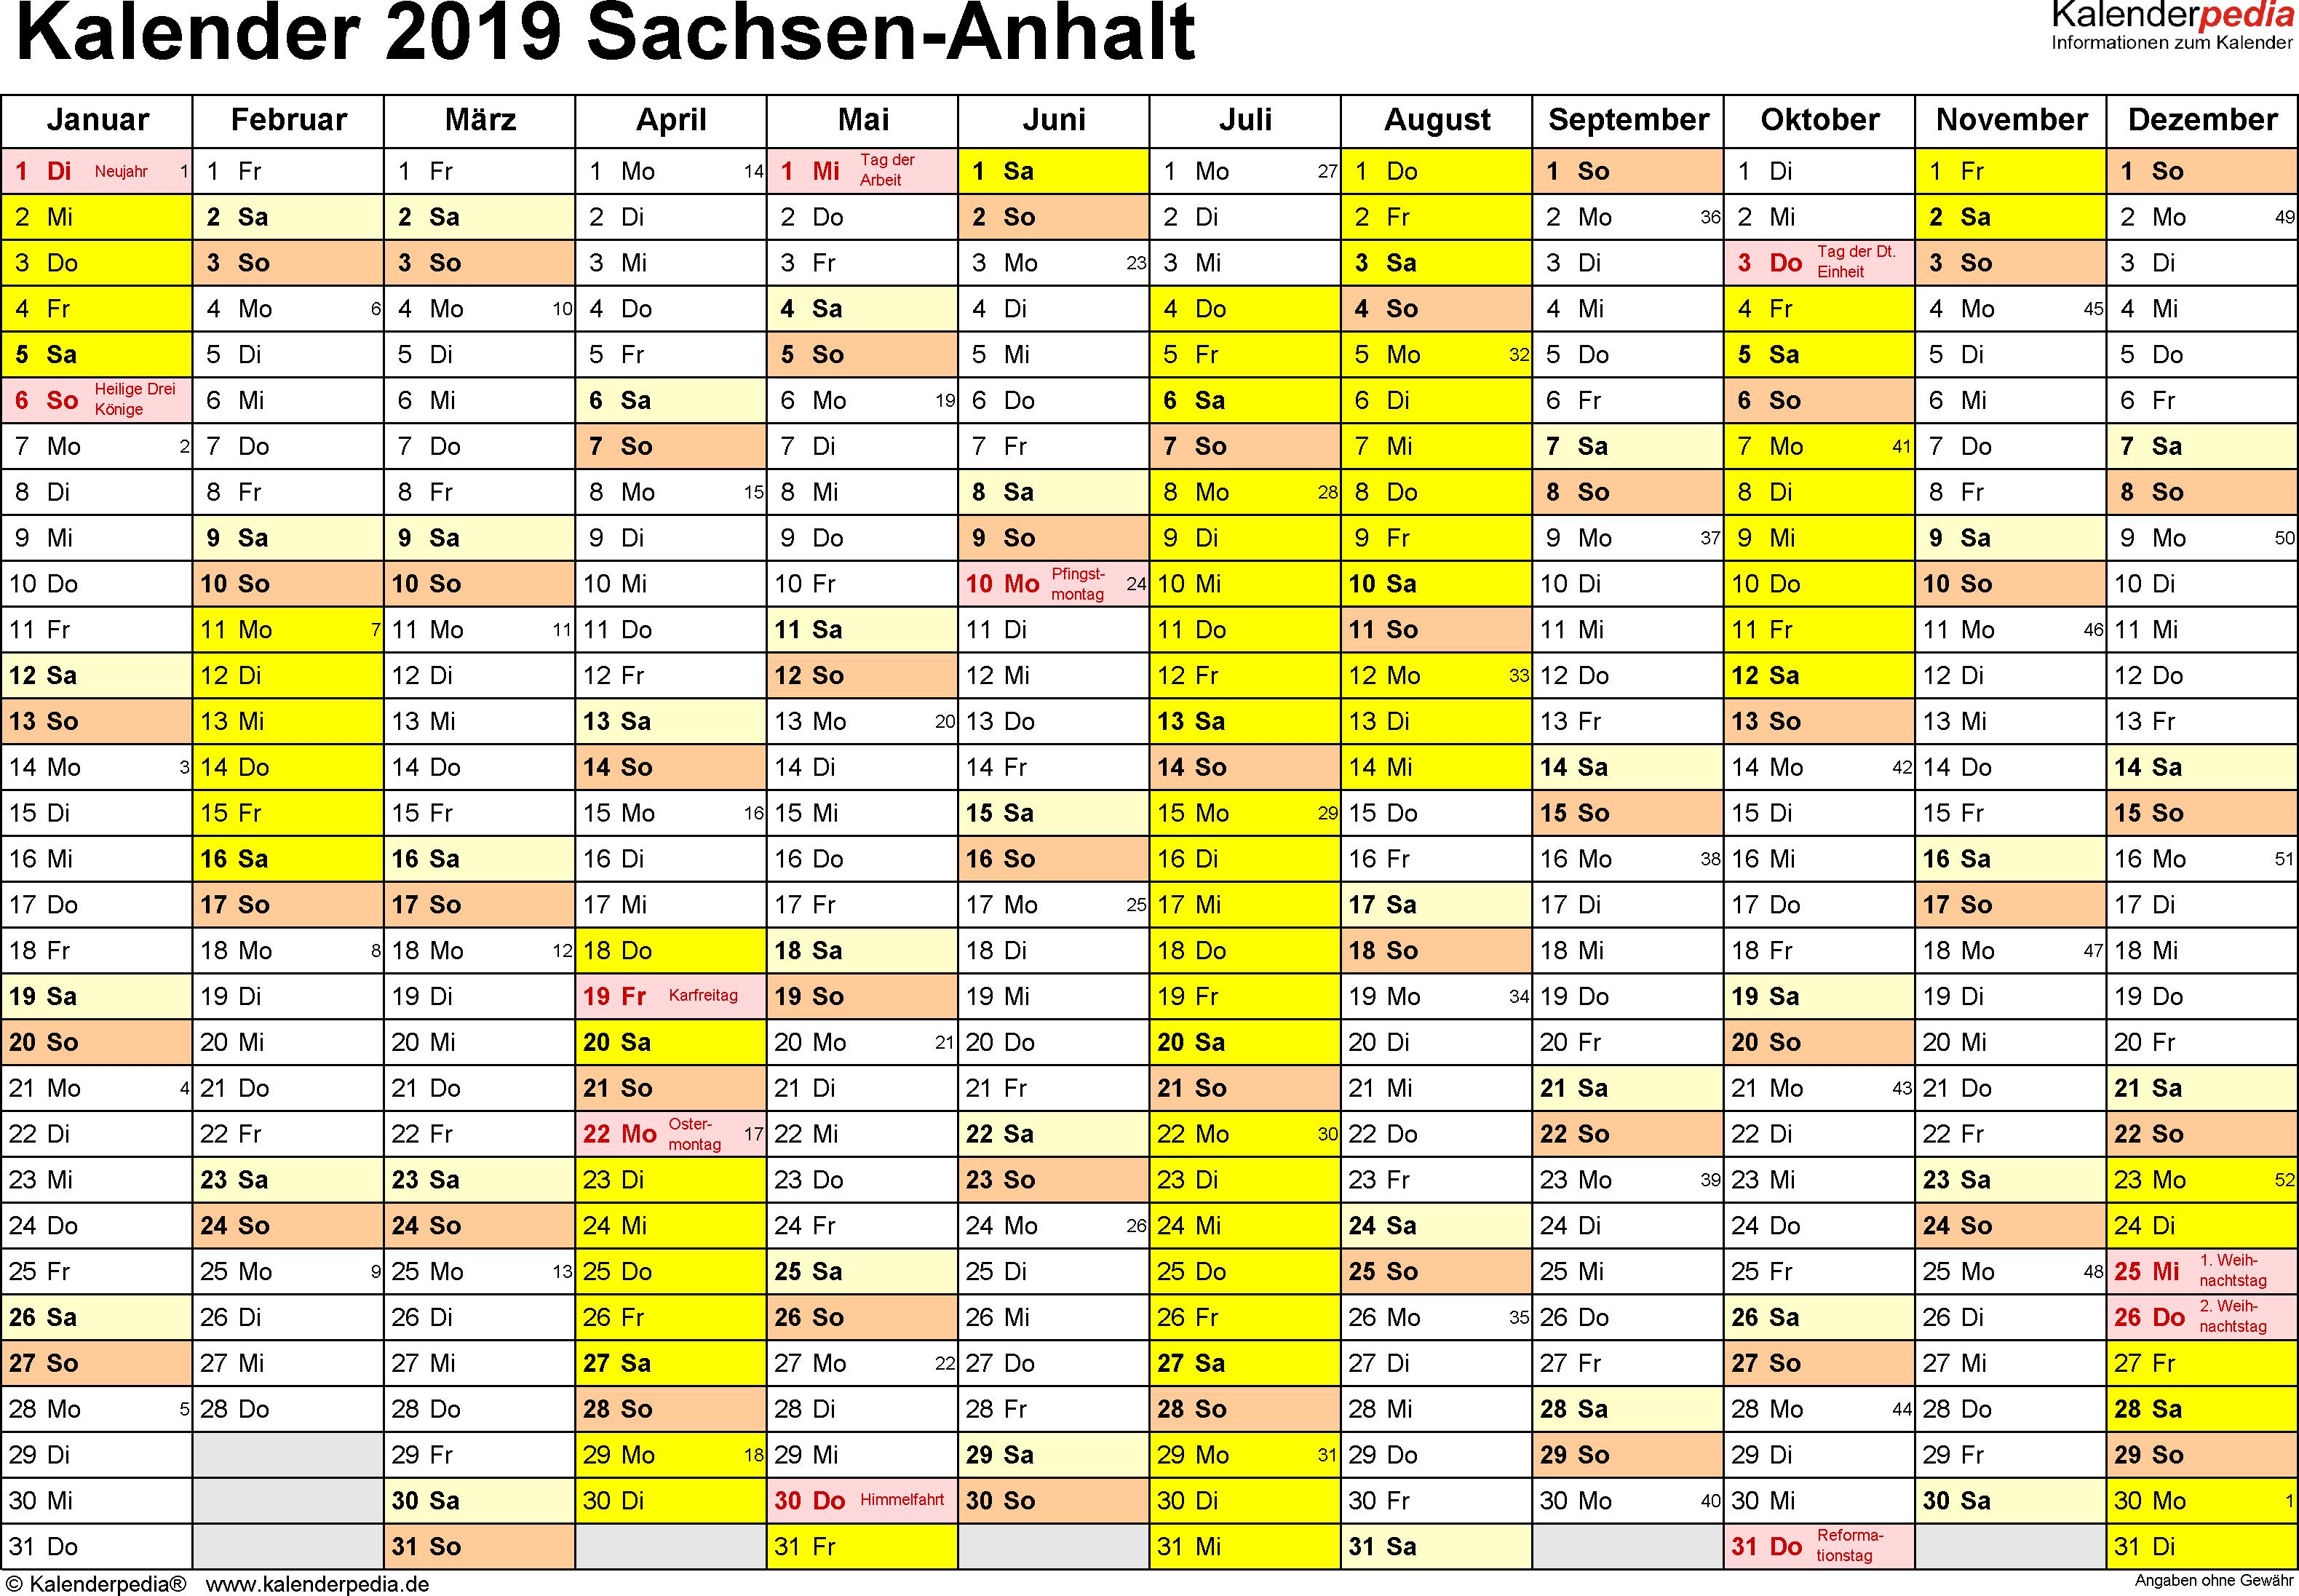 Vorlage 1: Kalender 2019 für Sachsen-Anhalt als Word-Vorlagen (Querformat, 1 Seite)